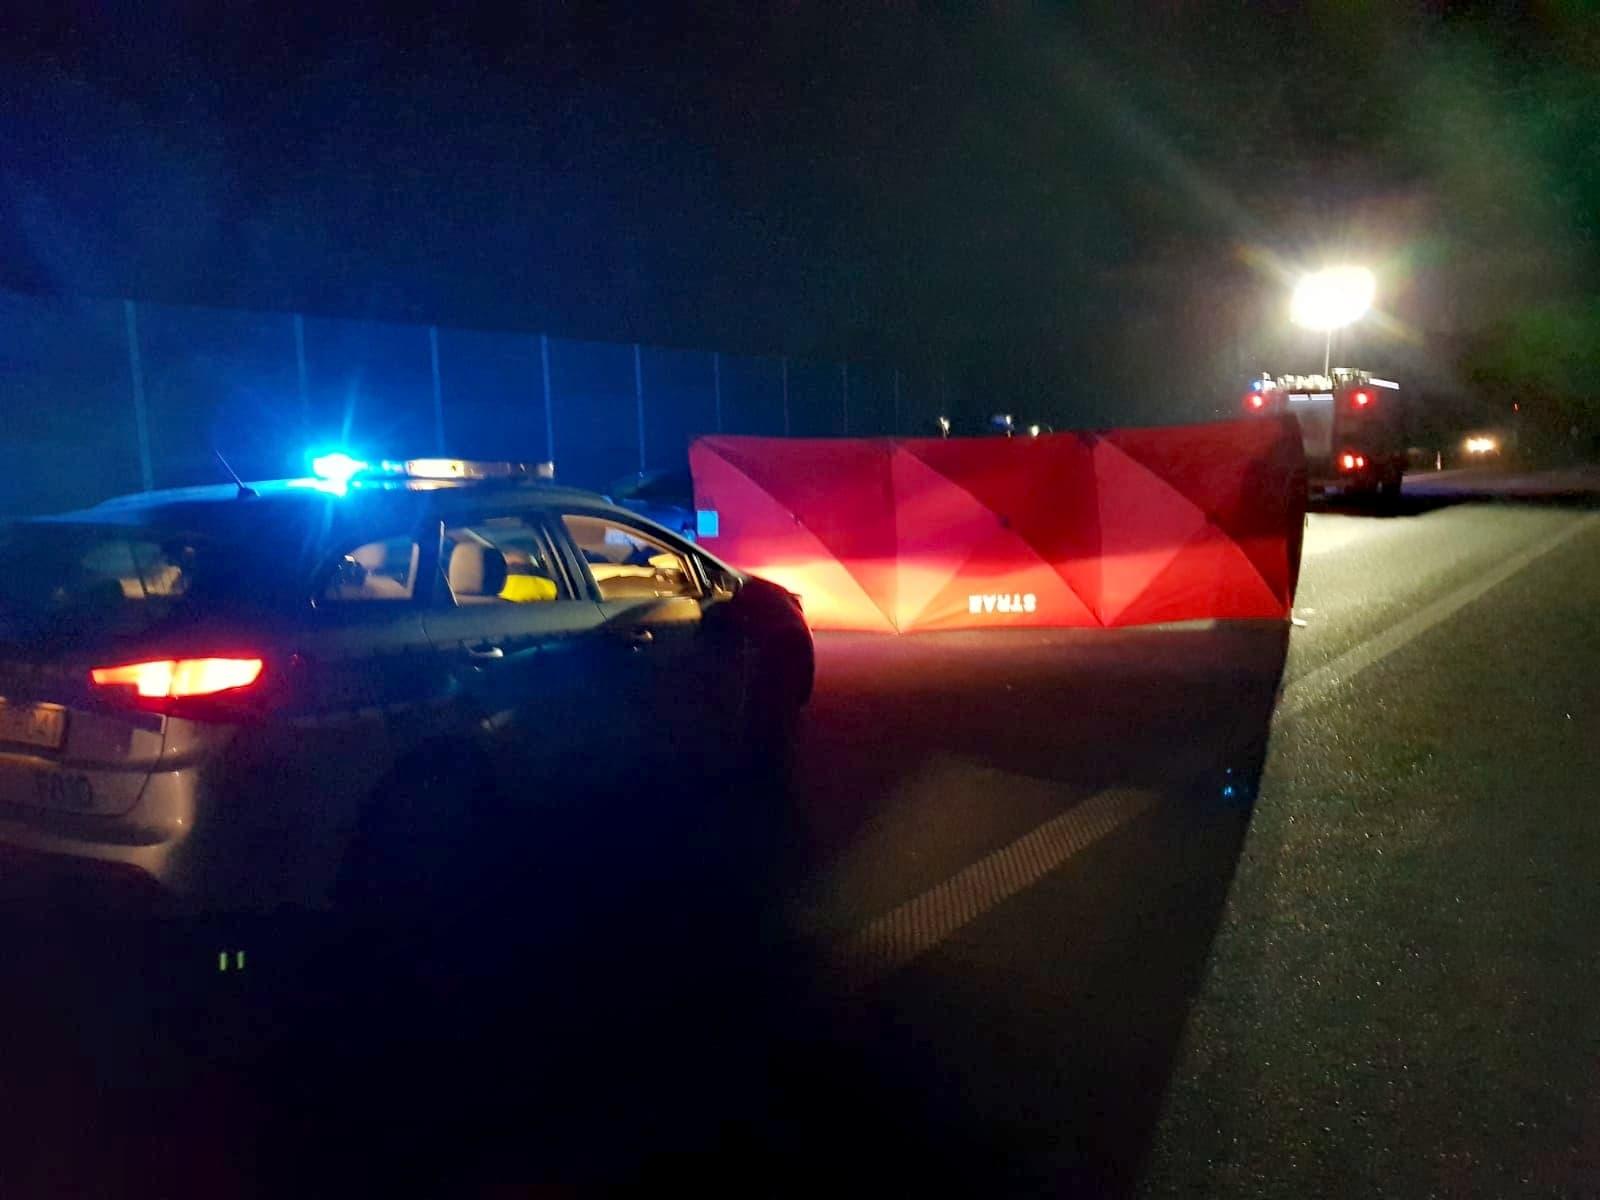 [FOTO] Samochód uderzył w łosia na autostradzie pod Kutnem. Nie żyje jedna osoba - Zdjęcie główne